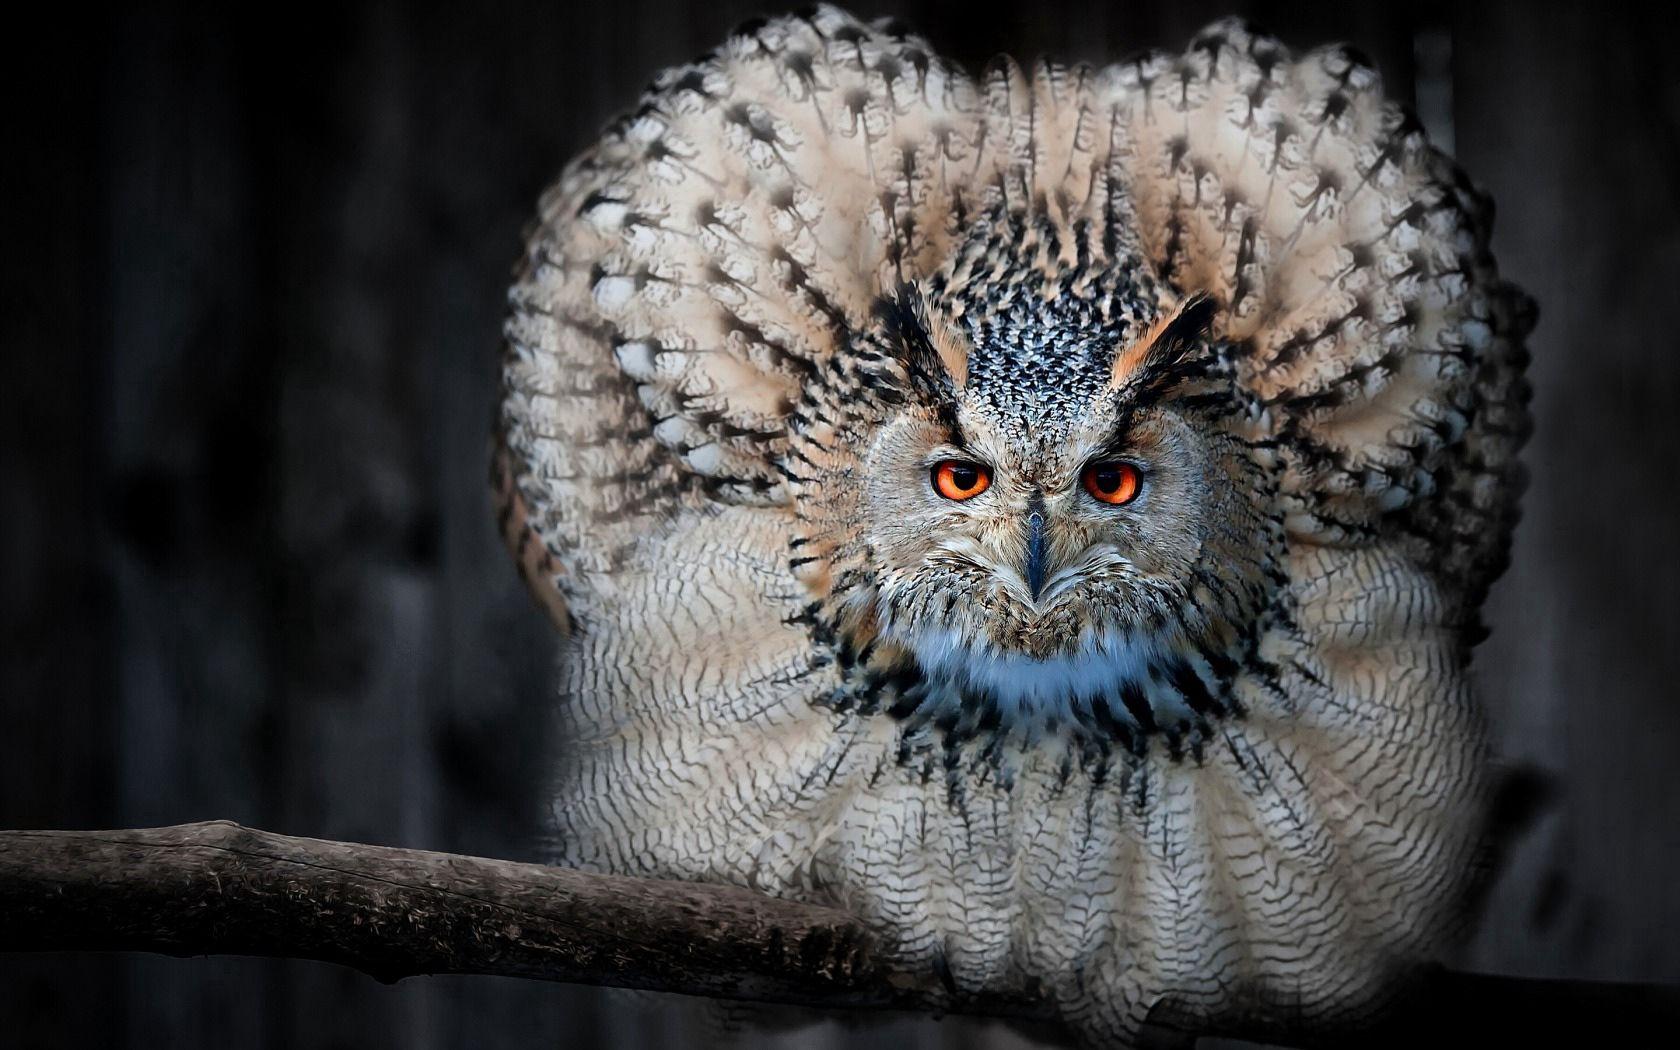 94404 descargar fondo de pantalla Animales, Búho, Búho Real, Lechuza, Pájaro, Depredador, Pluma: protectores de pantalla e imágenes gratis